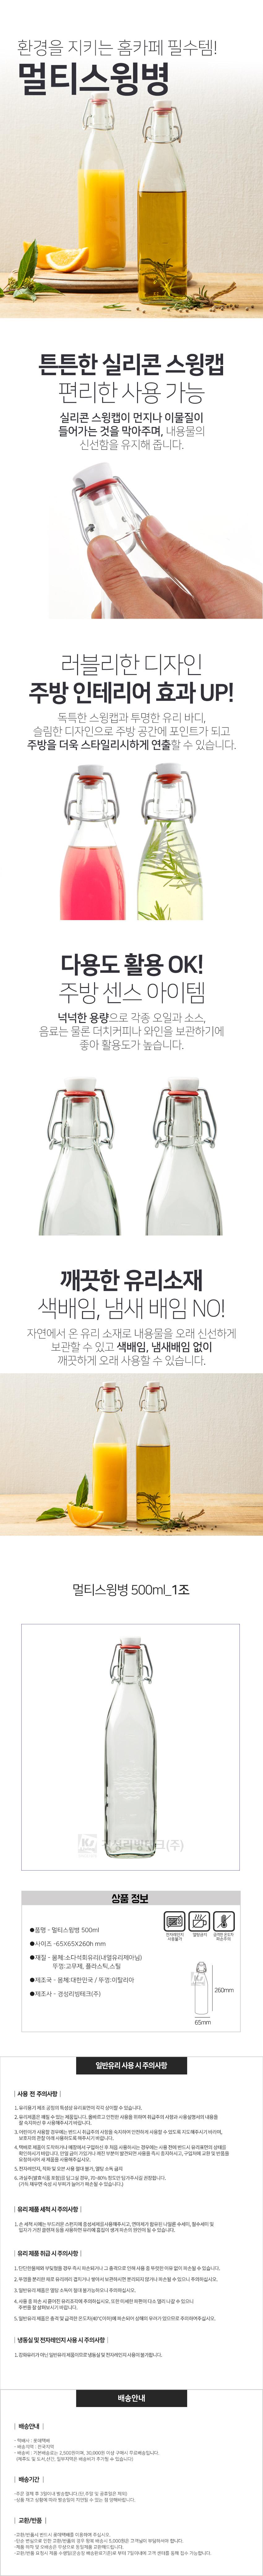 멀티스윙병 500ml_1조 - 경성리빙테크, 2,300원, 밀폐/보관용기, 반찬/밀폐용기